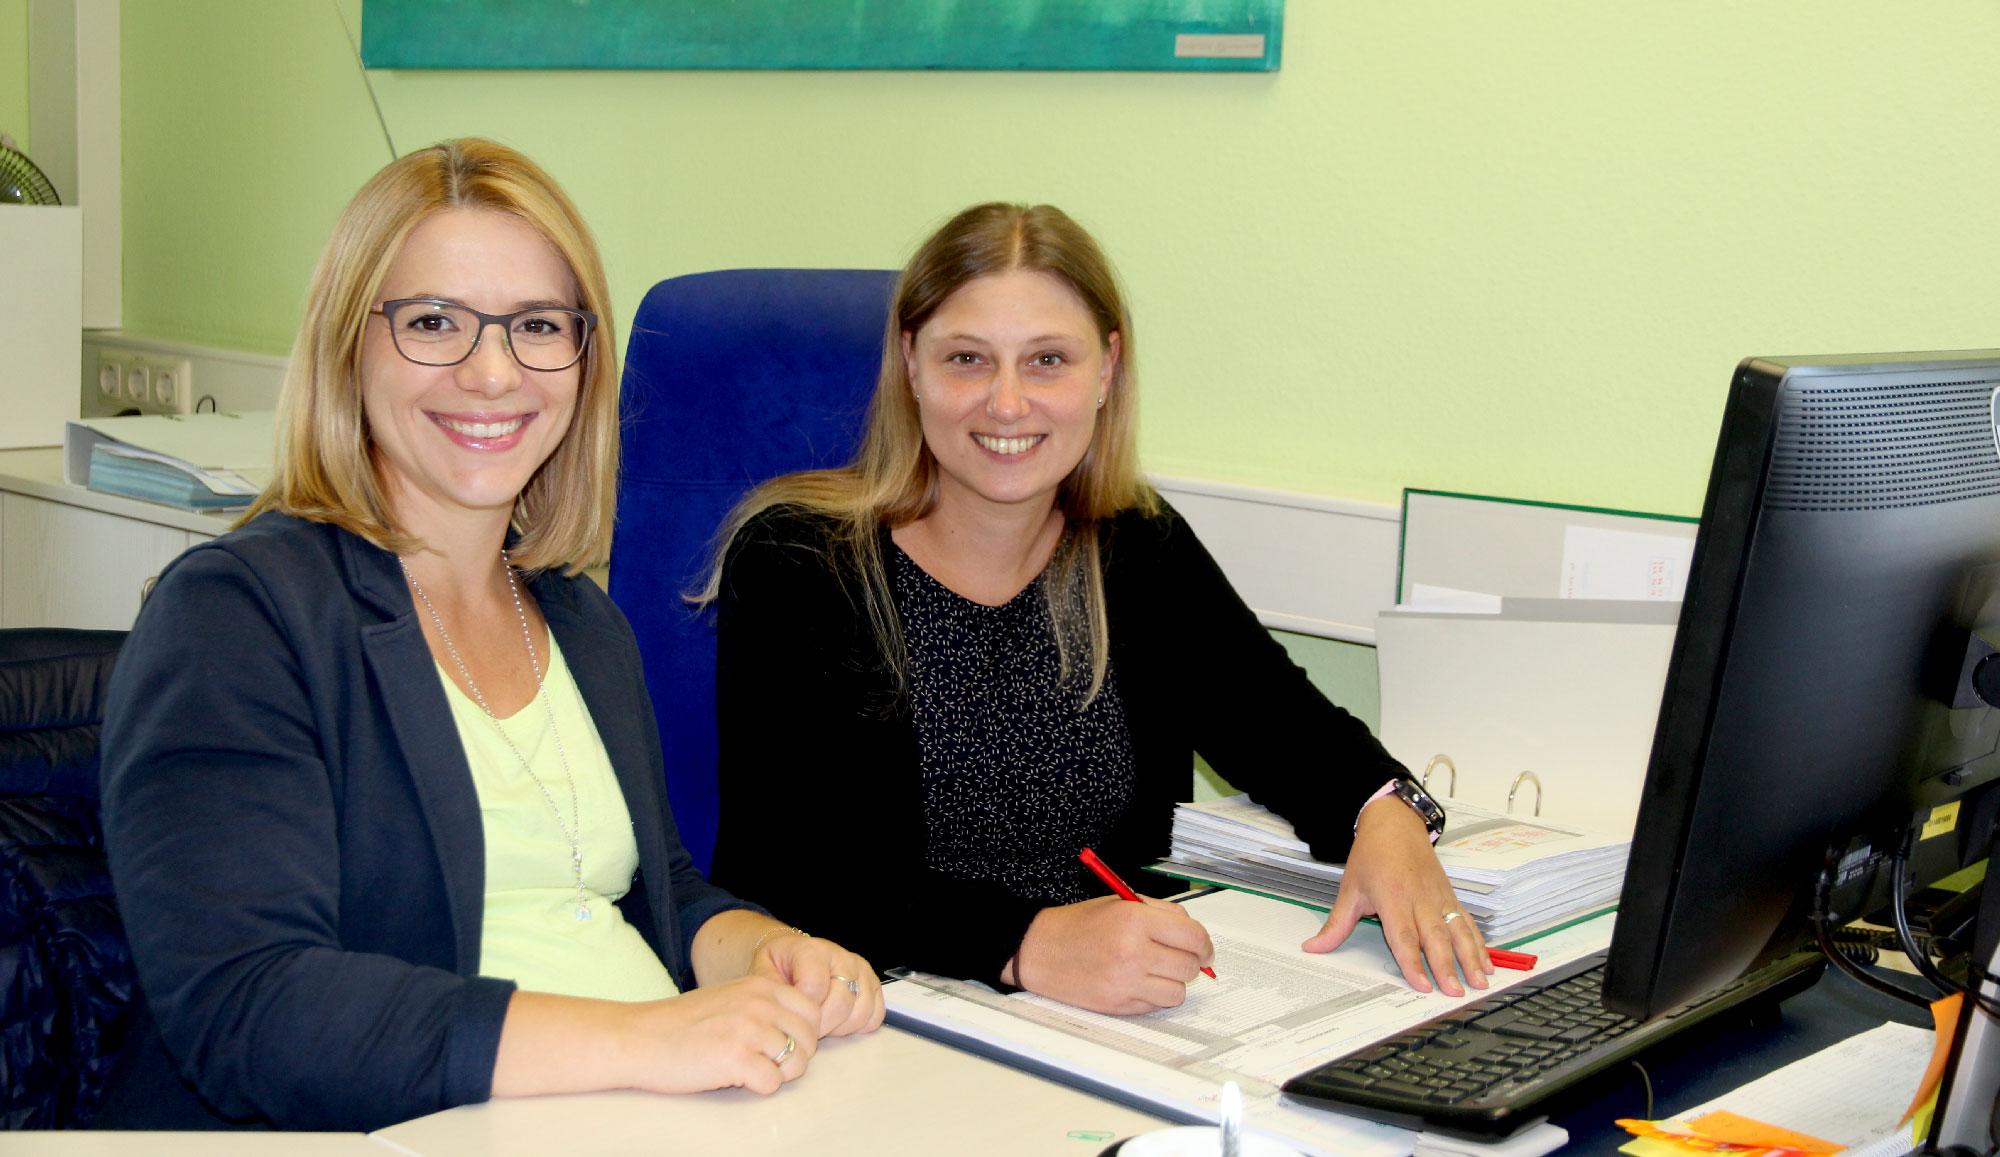 Engagierte Einarbeitung rund um Barkasse und Co: Alexandra Richter und Andrea Reichelt vom Rechnungswesenteam.